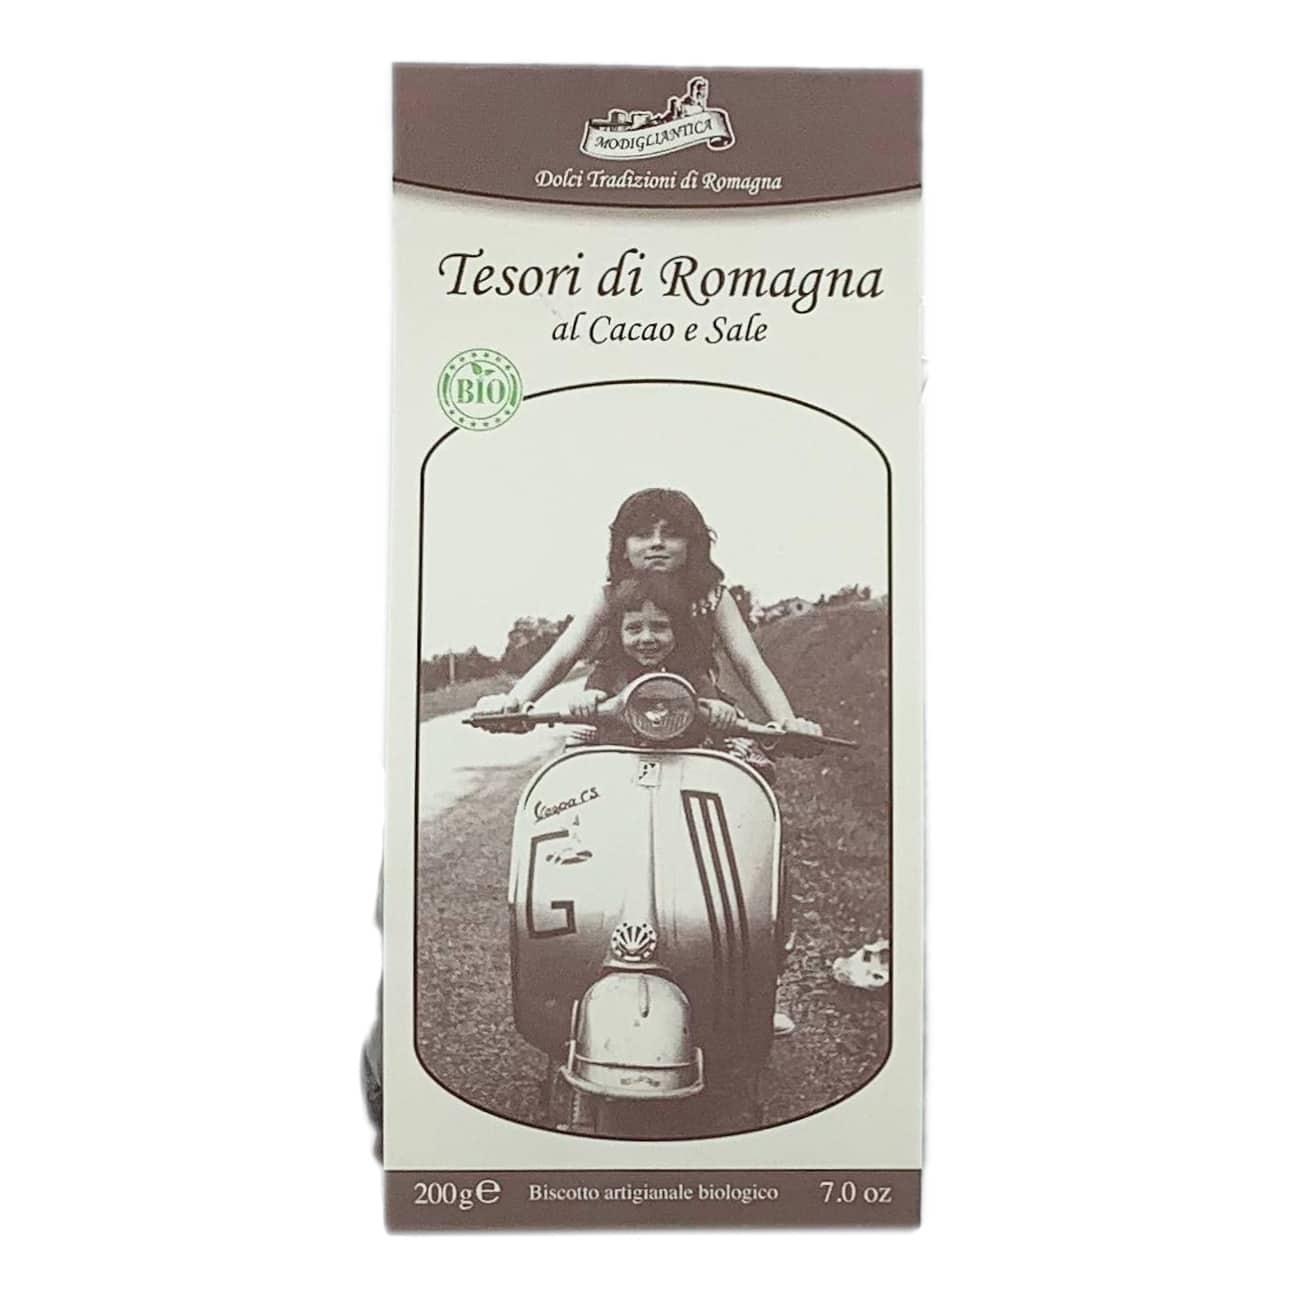 TESORI DI ROMAGNA AL CACAO E SALE Biscotti Artigianali BIO Modigliantica - prodotti tipici romagnoli